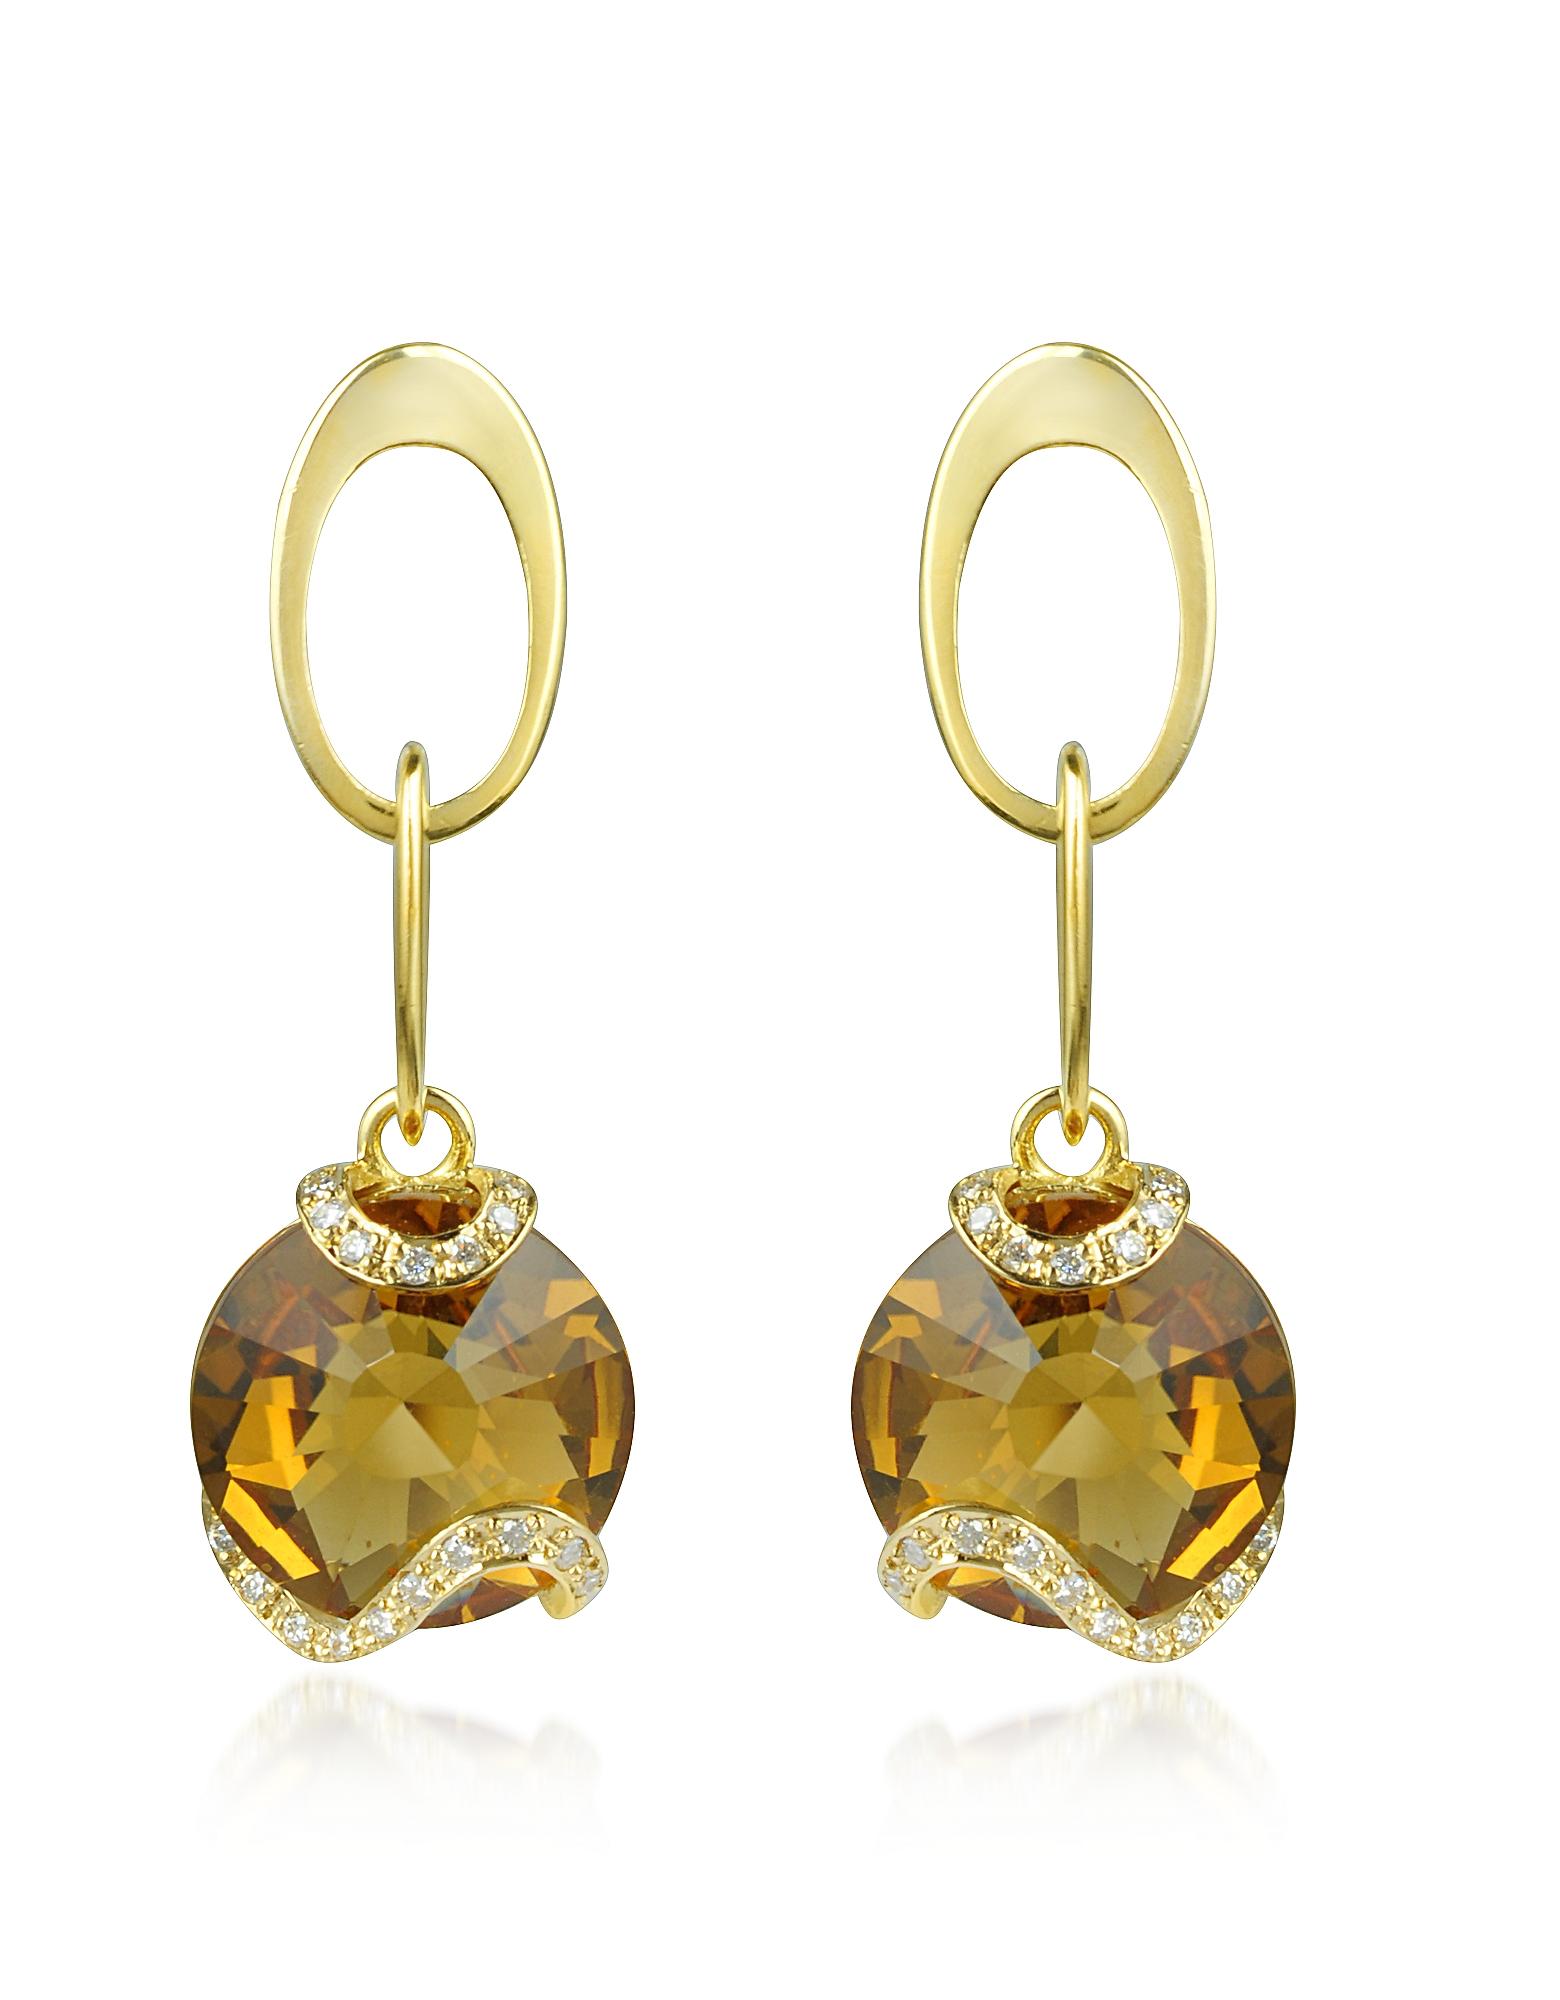 Citrine and Diamond 18K Gold Earrings